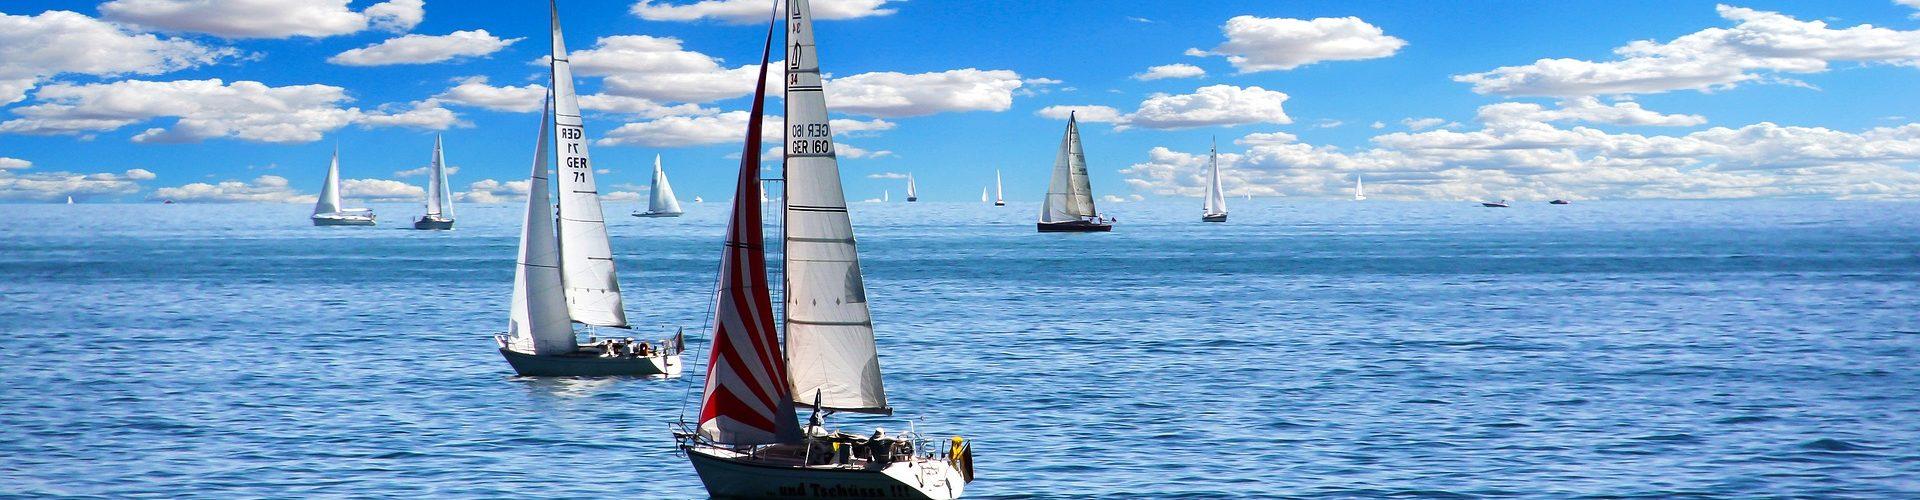 segeln lernen in Hasselberg segelschein machen in Hasselberg 1920x500 - Segeln lernen in Hasselberg